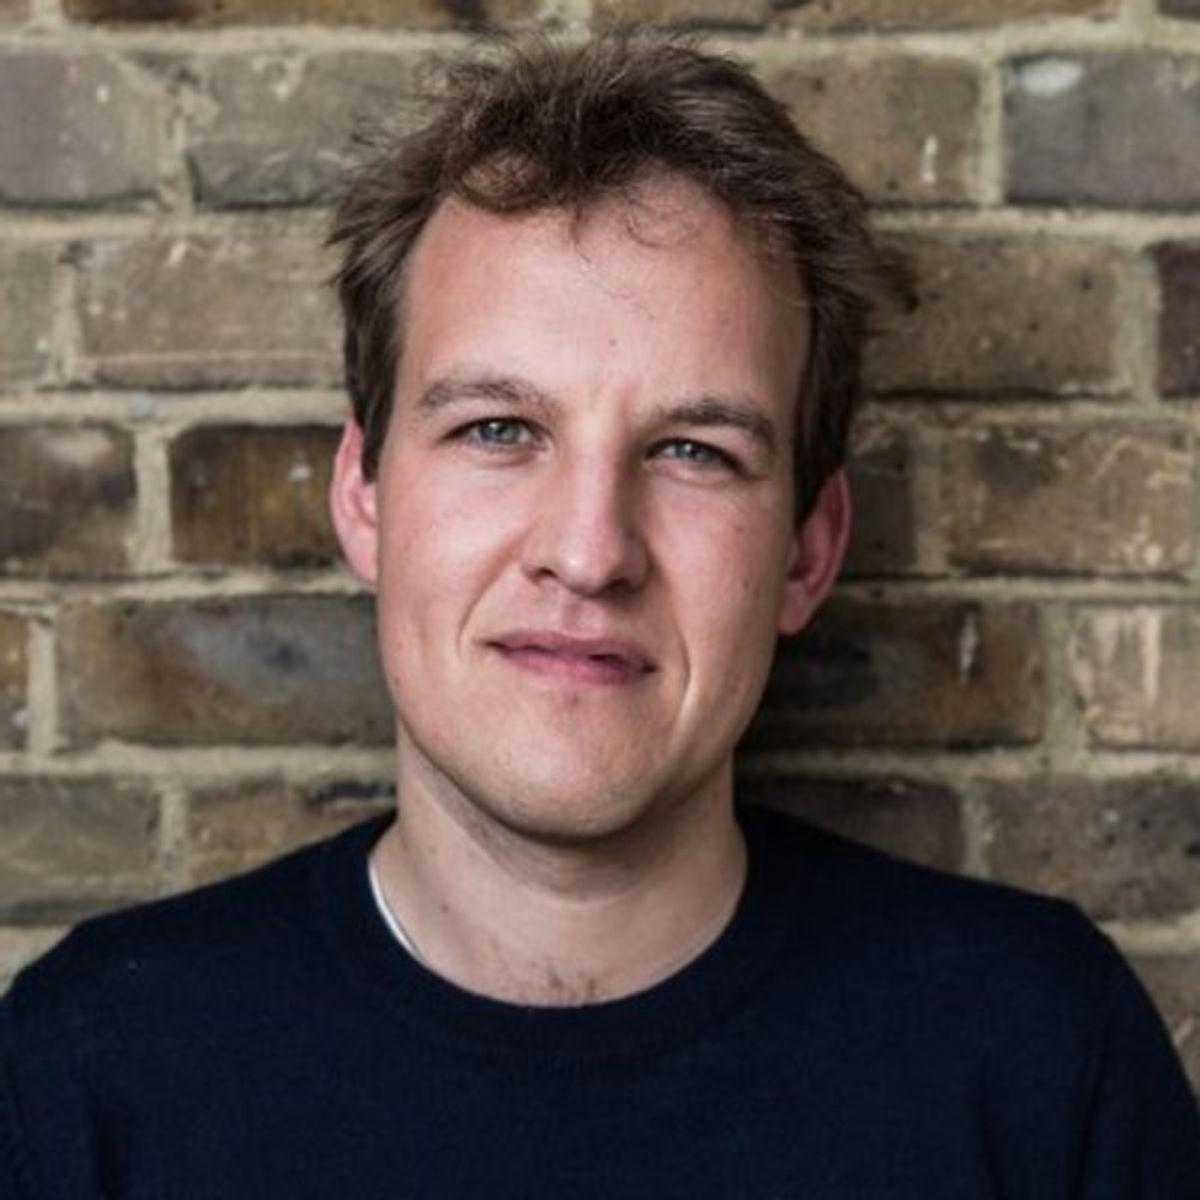 Photo of Matt Clifford, Managing Partner at Entrepreneur First